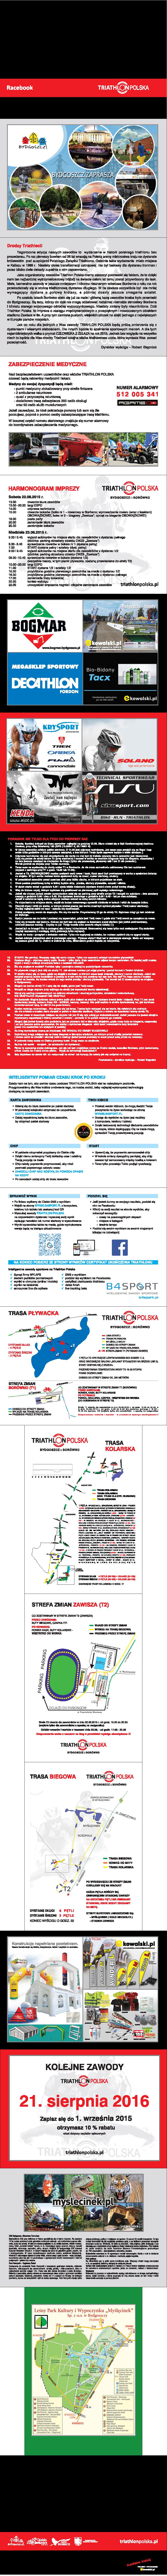 Racebook Triathlon Polska Bydgoszcz Borówno